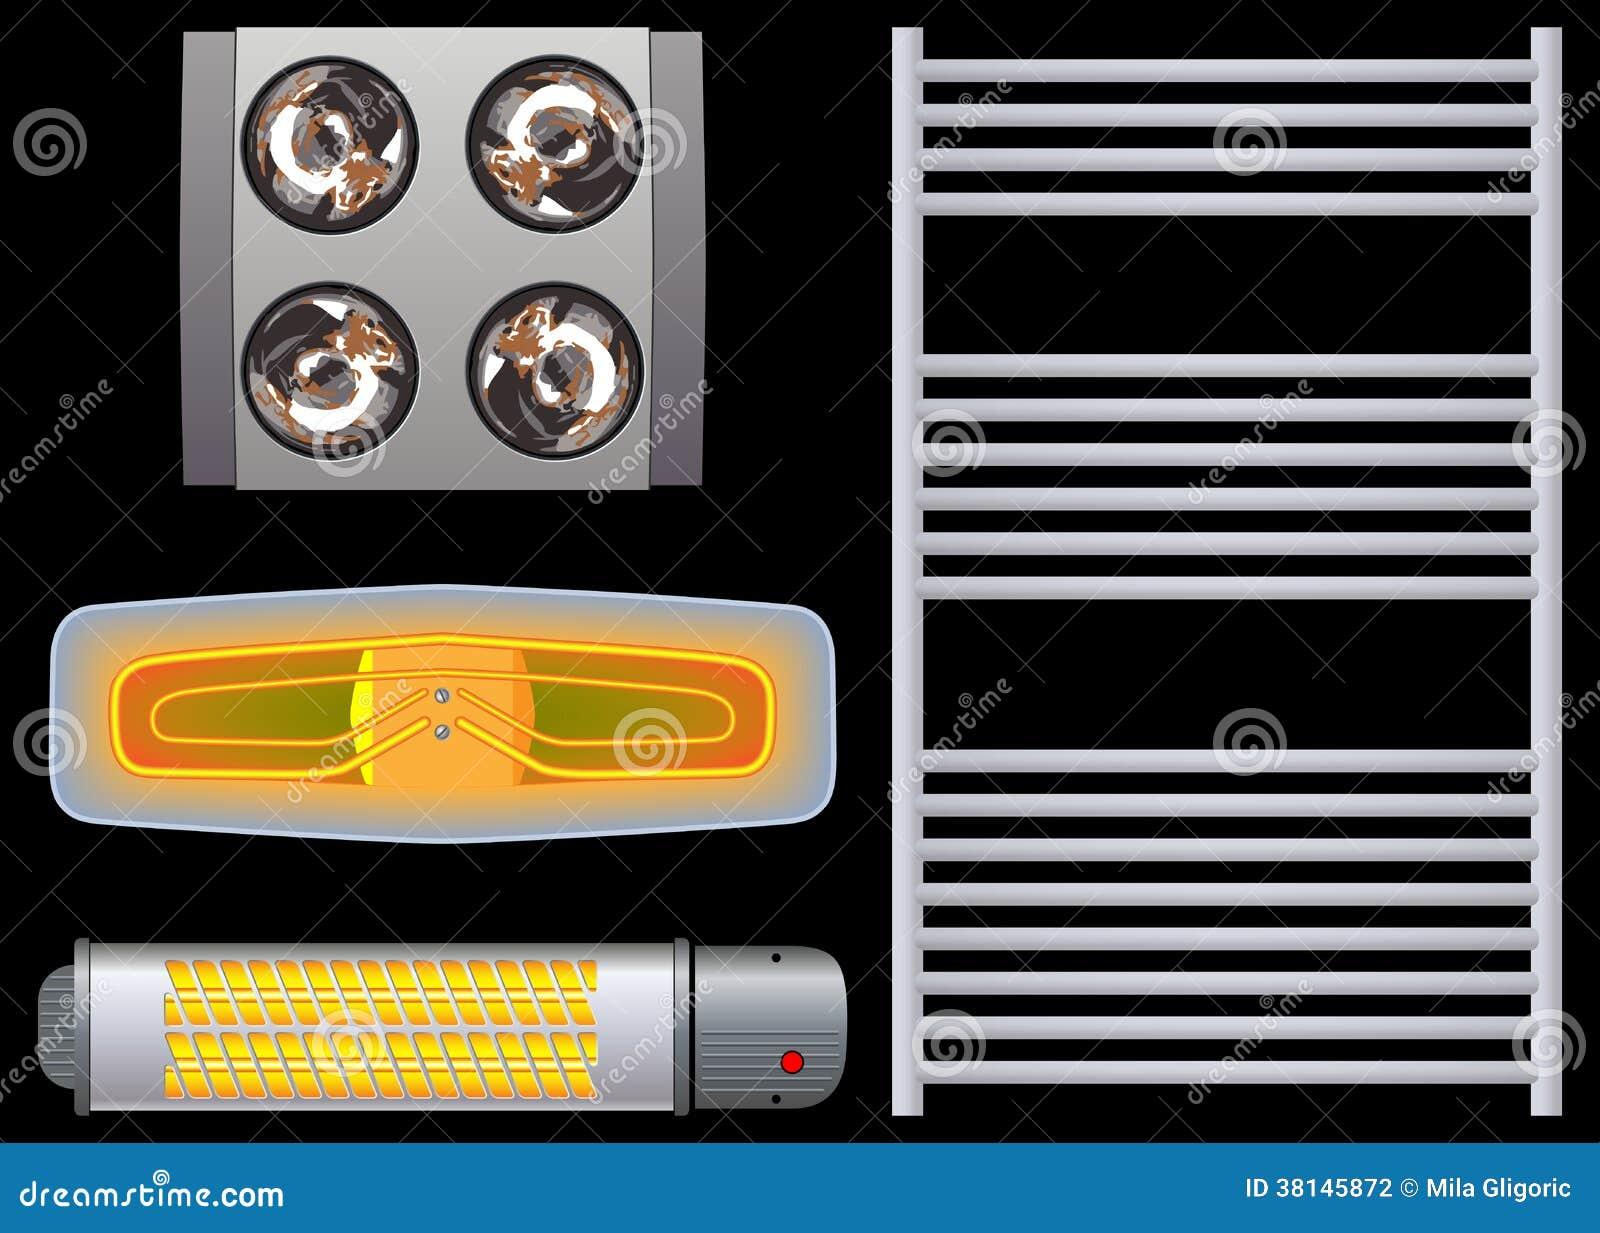 Calentadores Para Cuartos De Bano.Calentador Para El Negro Del Cuarto De Bano Foto De Archivo